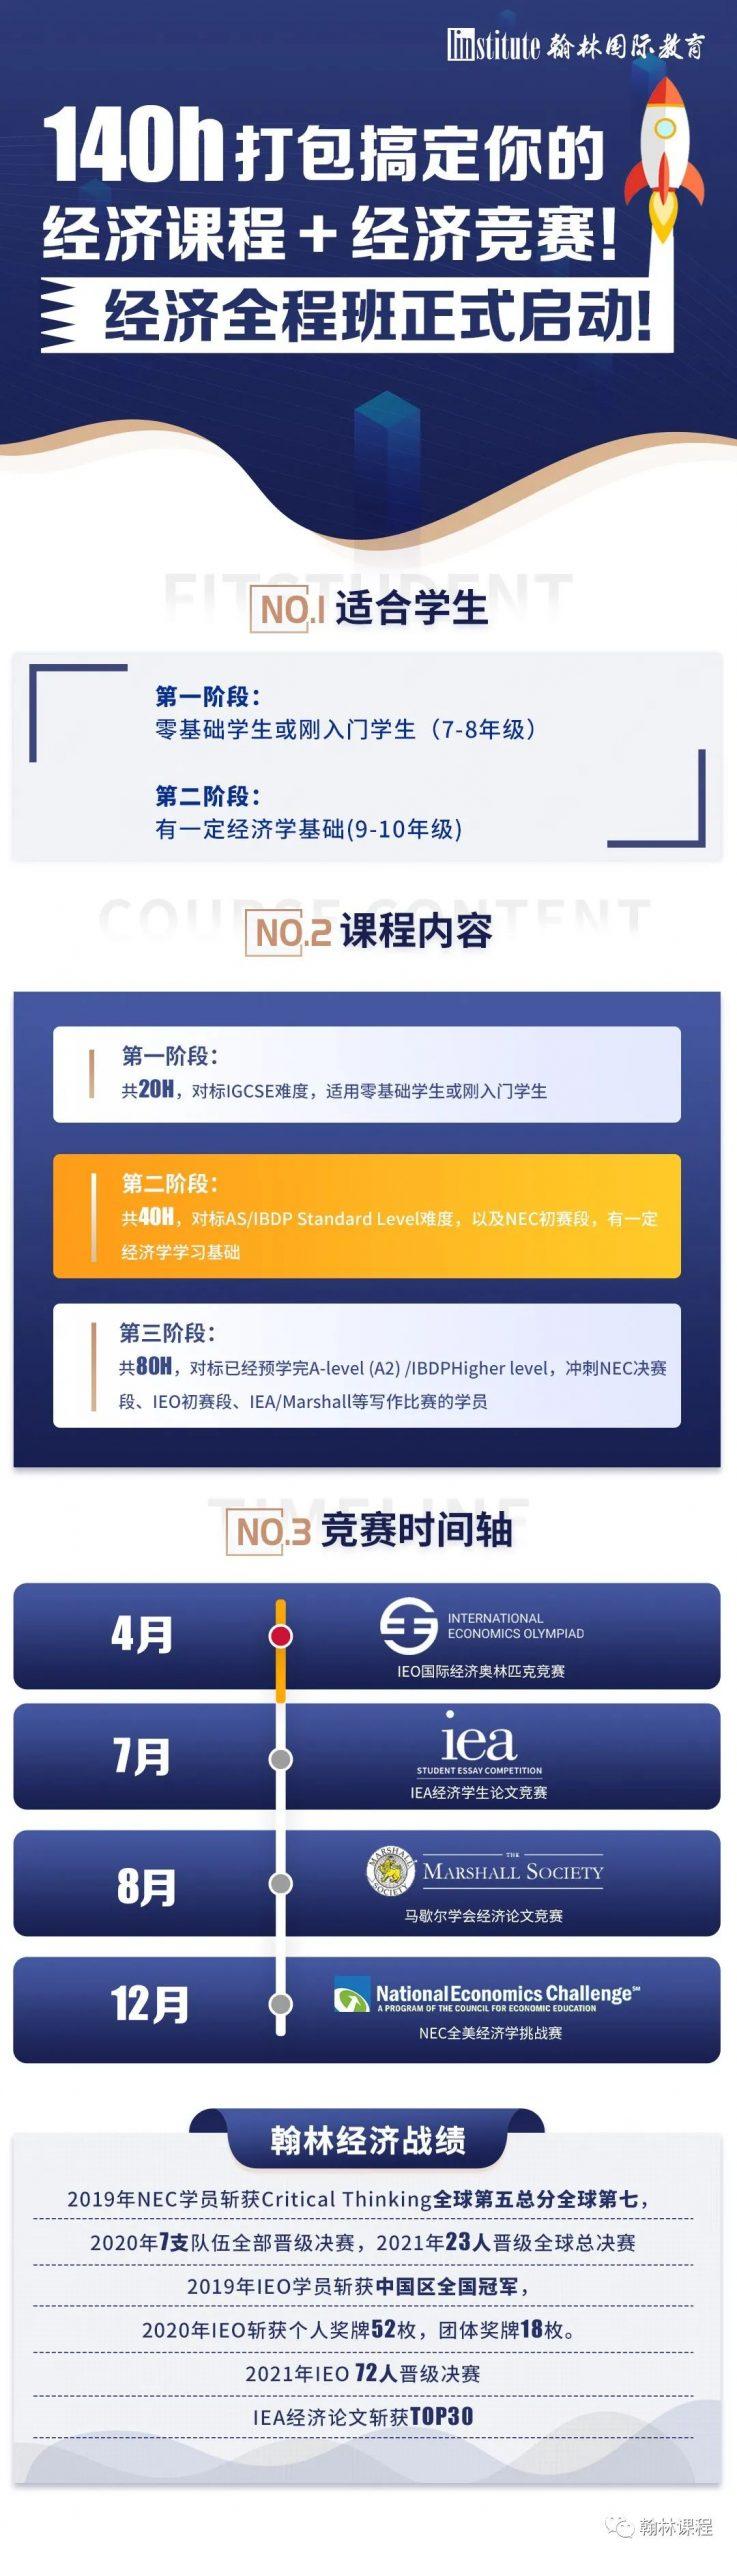 IEO双金奖、NEC晋级全球赛、托福113的深国交女学霸有何备赛秘笈?